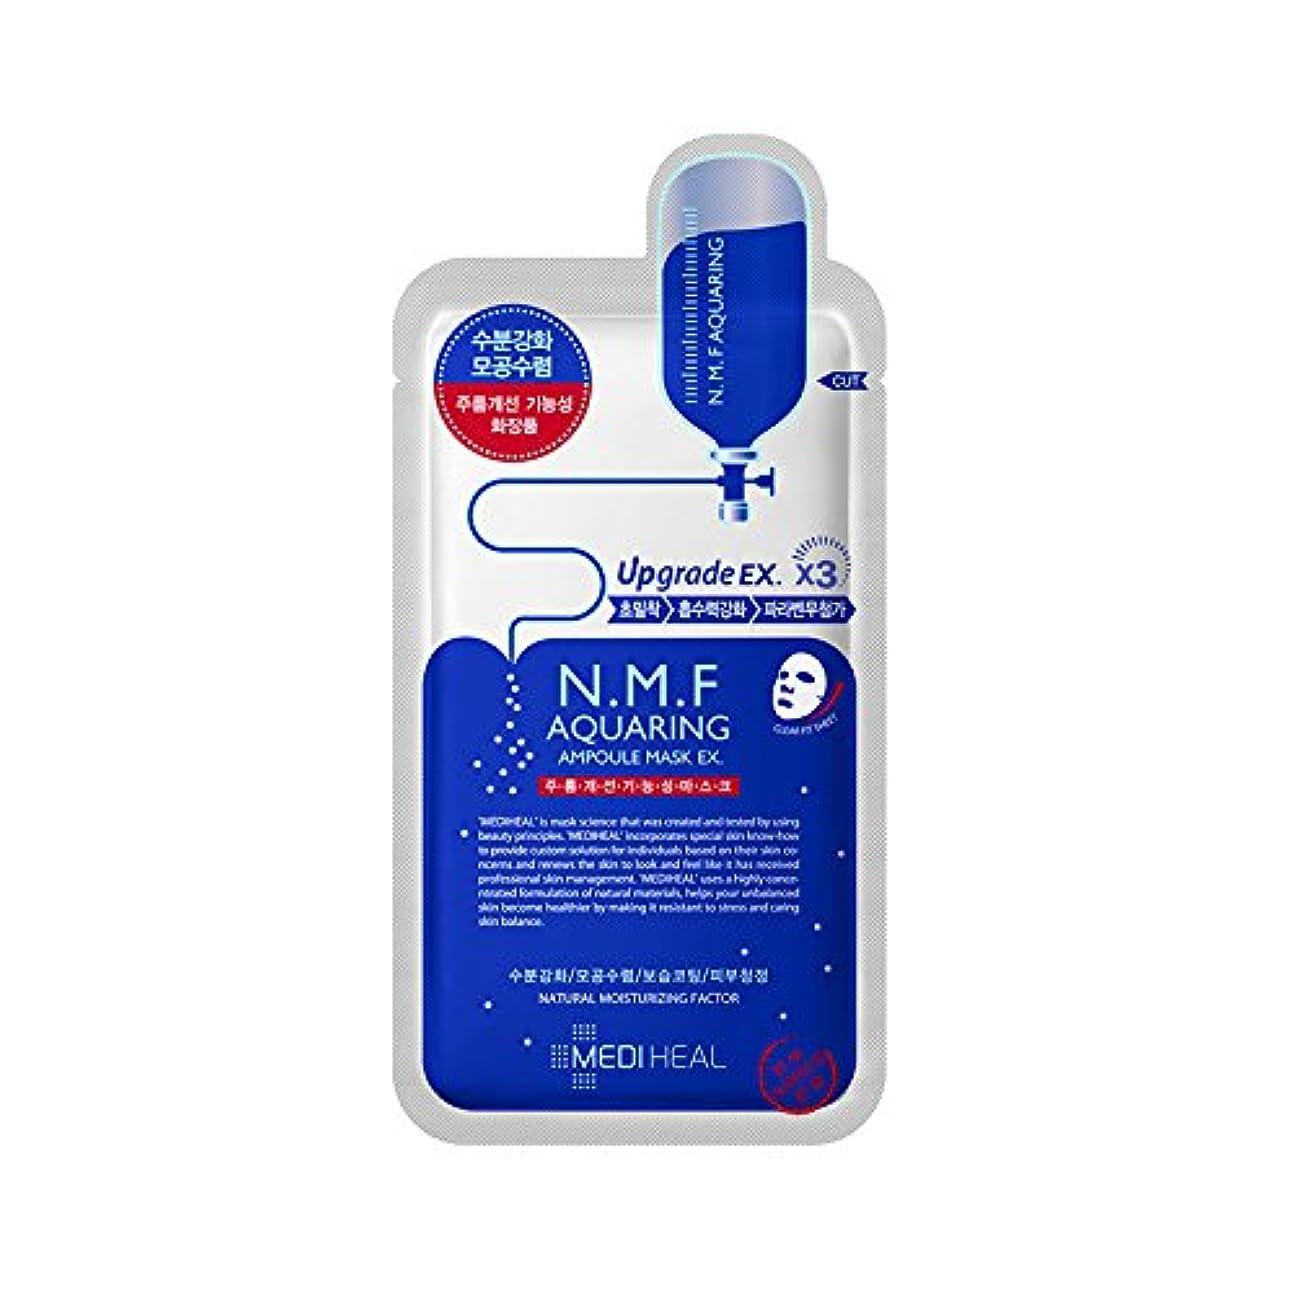 不適切な磨かれたコミュニケーションMediheal メディヒール N.M.F アクアリング アンプル?マスクパック 10枚入り (Aquaring Ampoule Essential Mask Pack 1box 10sheet)